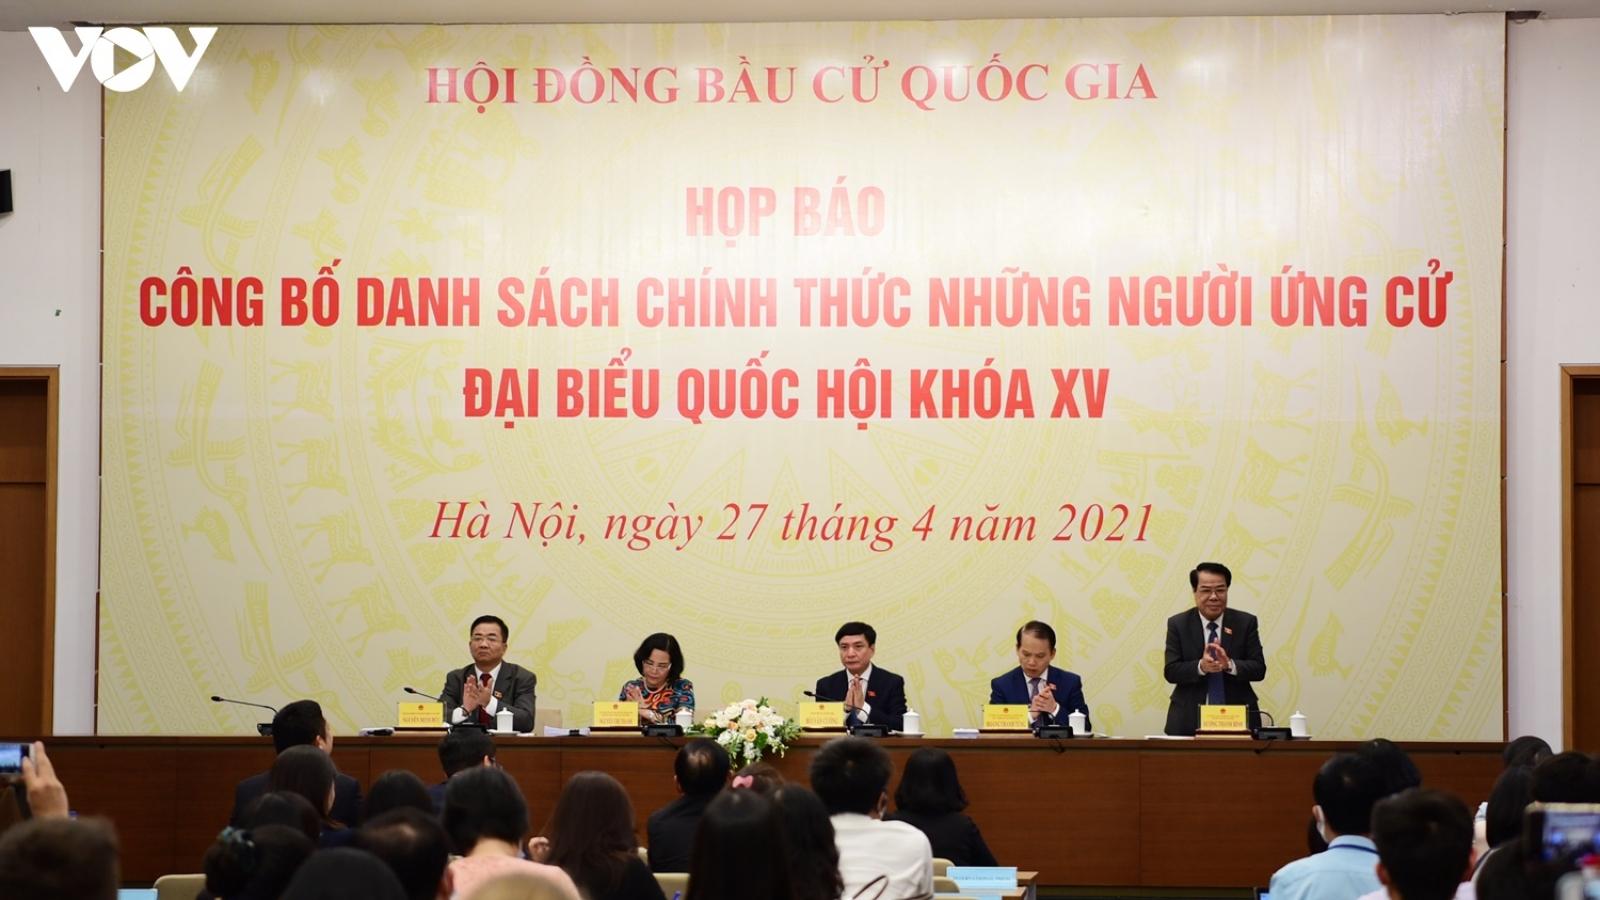 Chính thức có 868 người ứng cử Đại biểu Quốc hội khóa XV